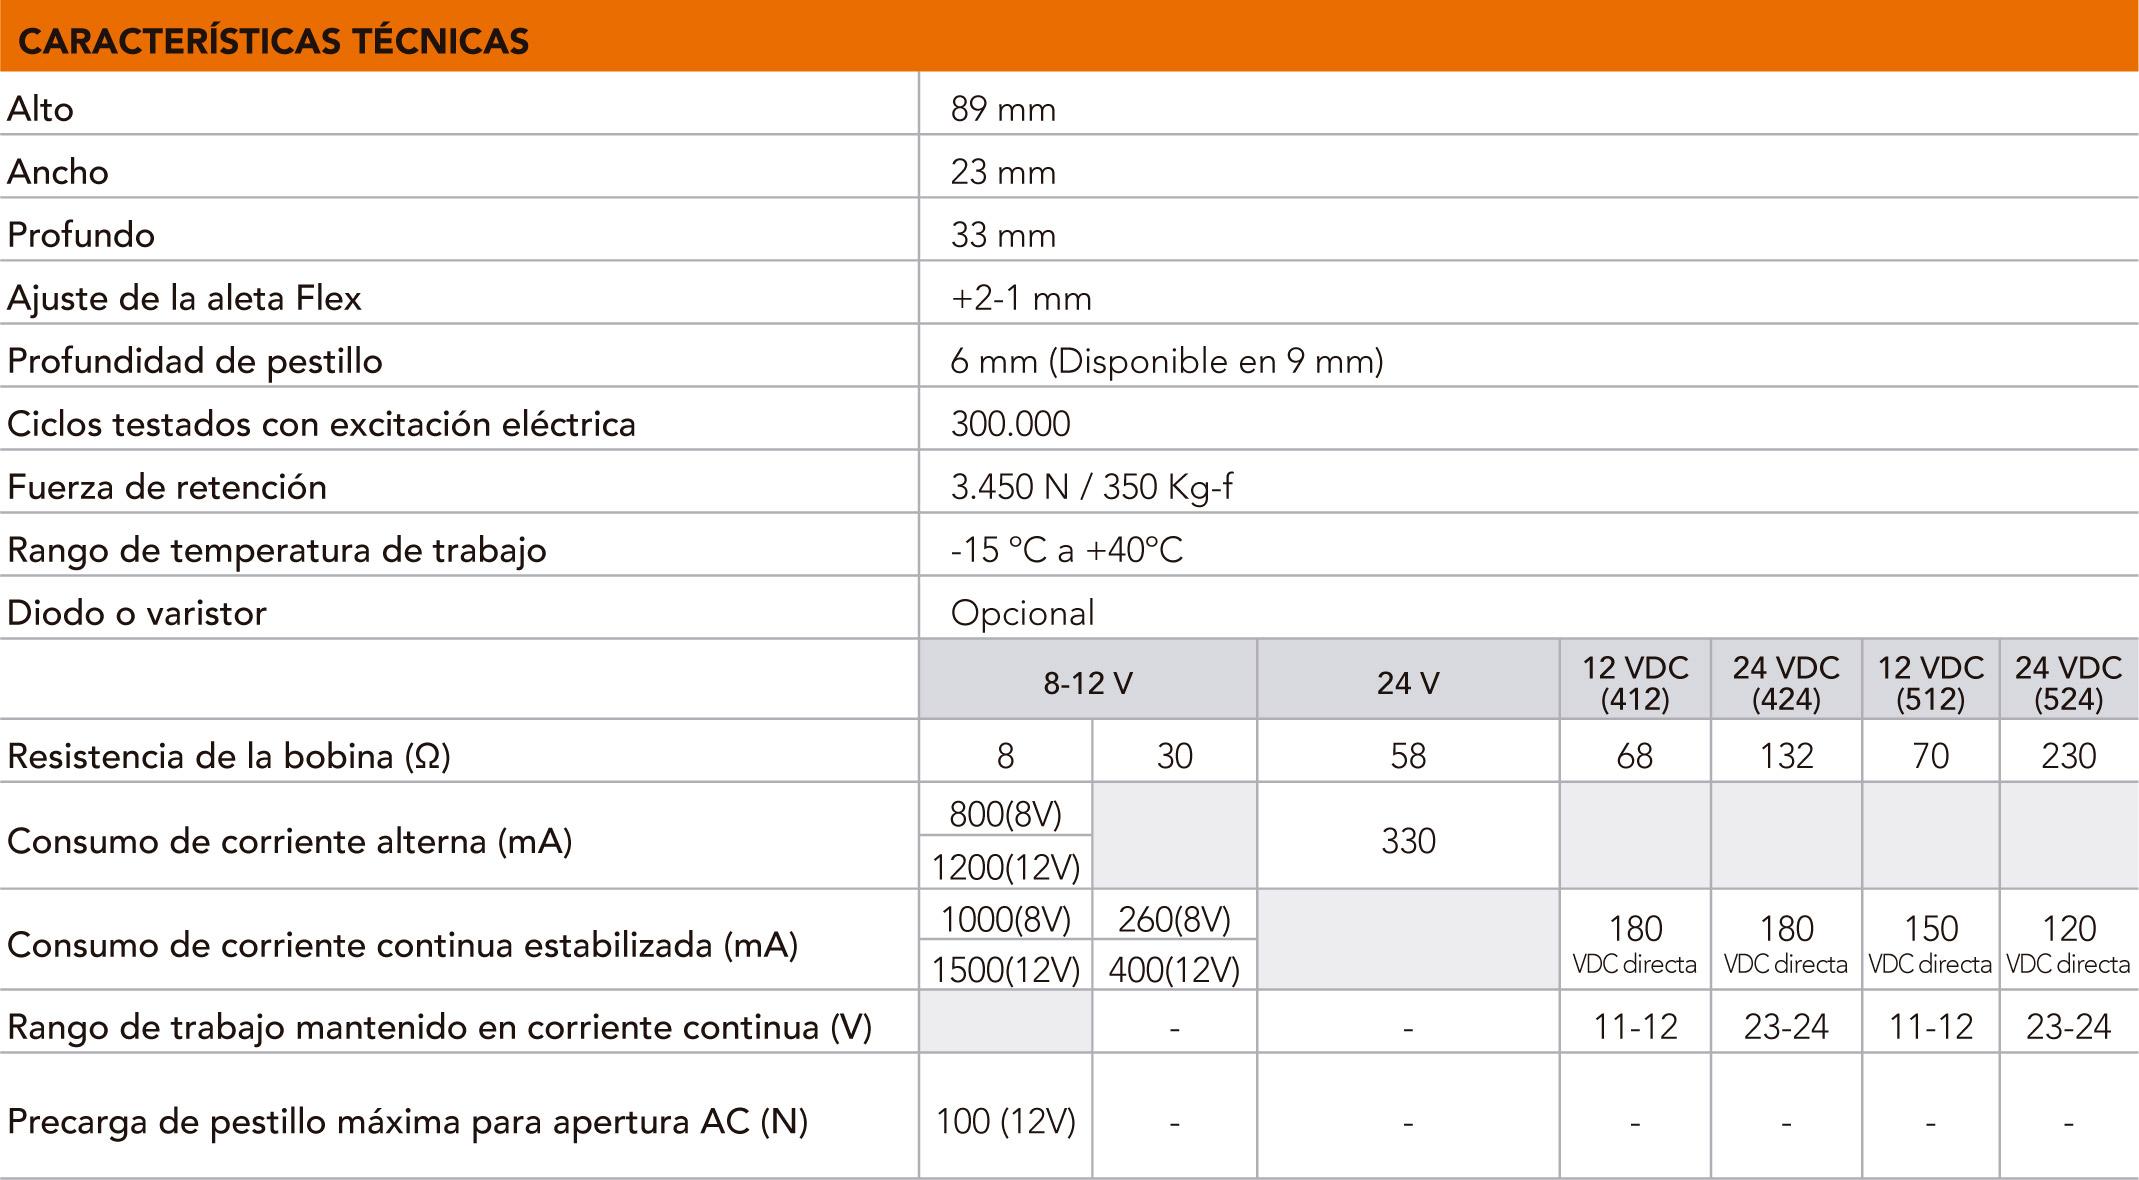 S48_caracteristicas